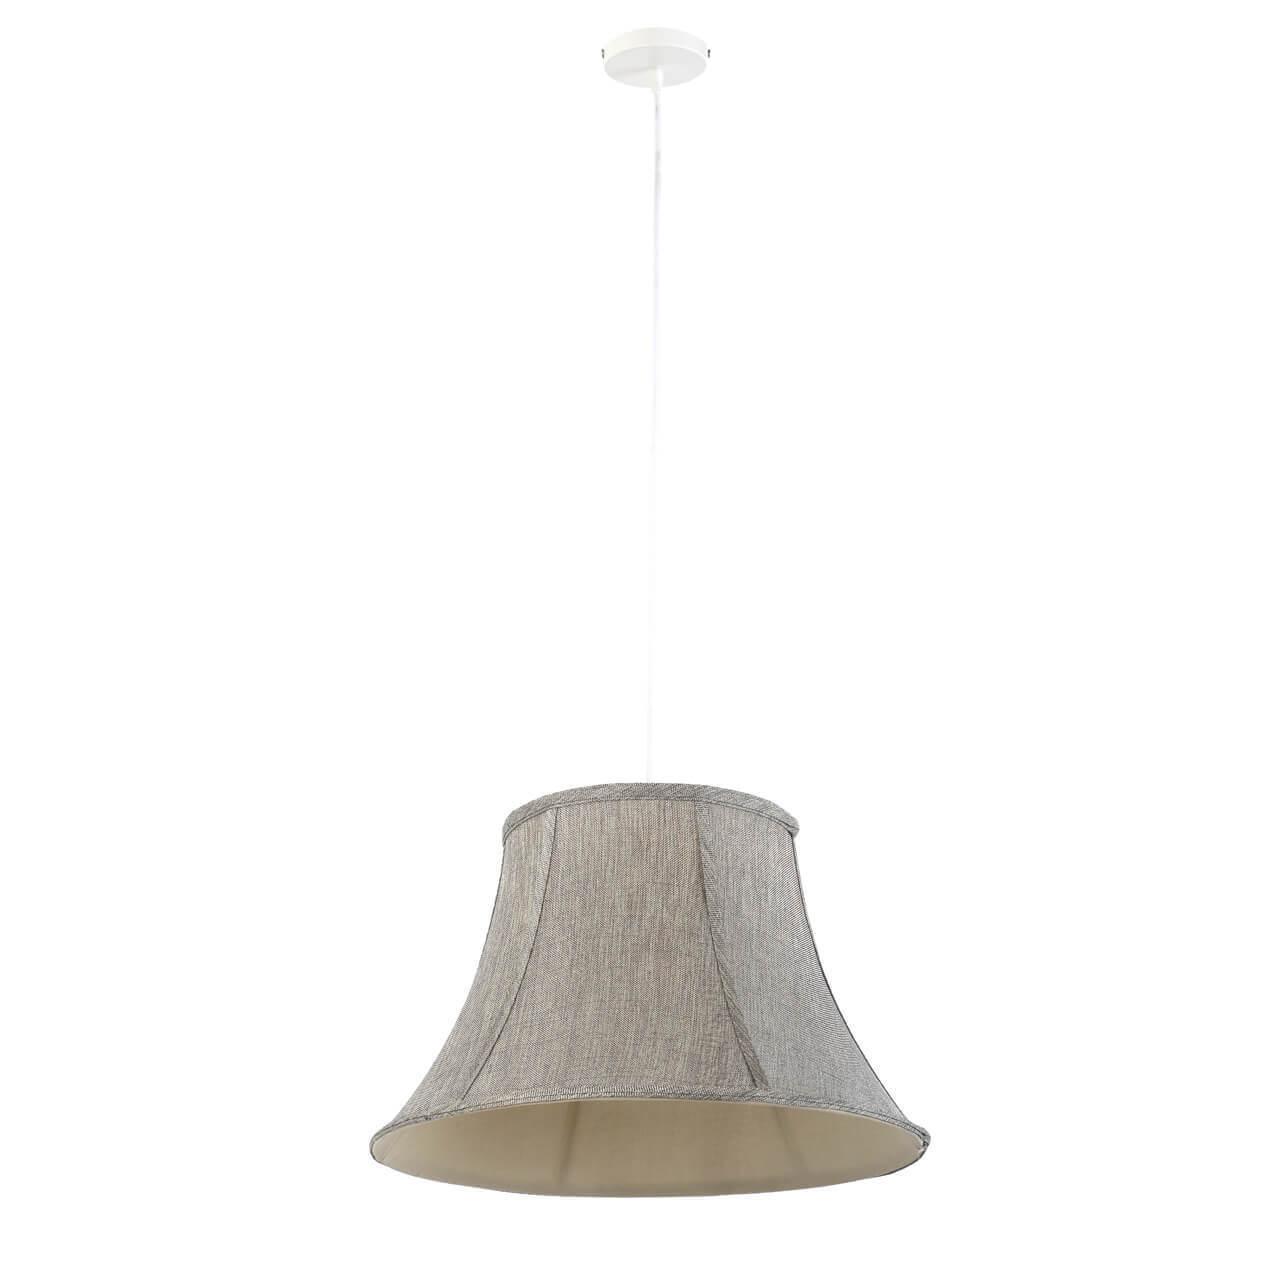 цены на Подвесной светильник Arti Lampadari Cantare E 1.3.P1 DG  в интернет-магазинах